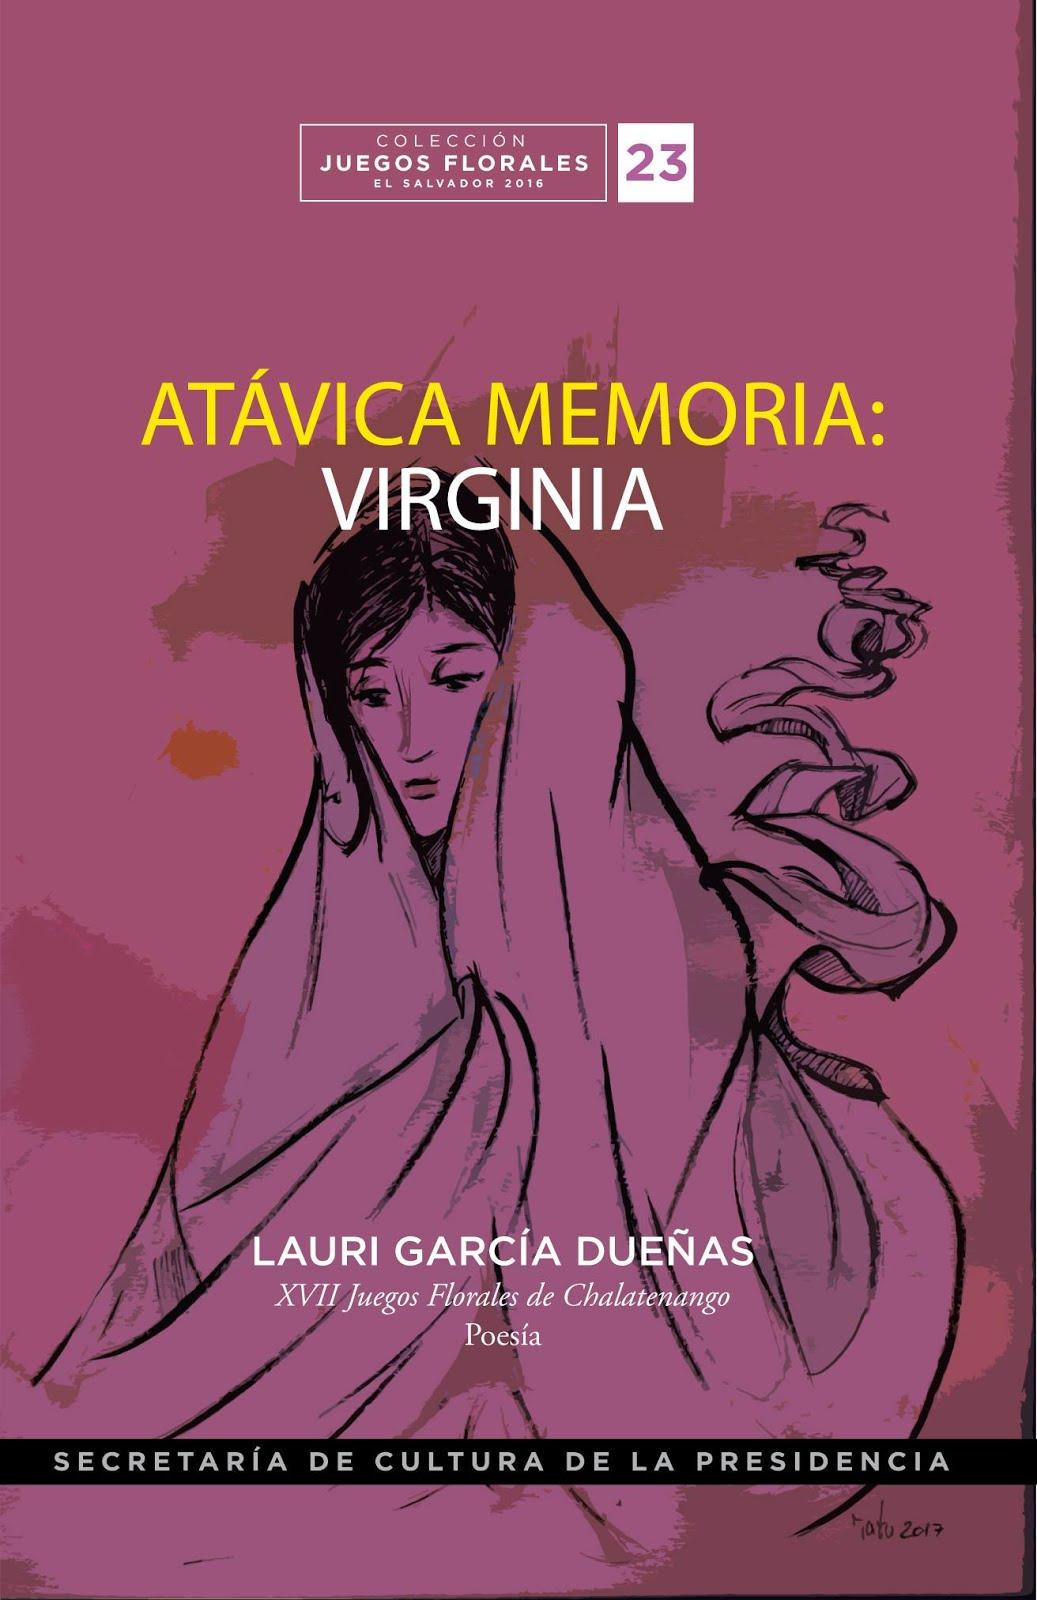 Átavica memoria: Virginia